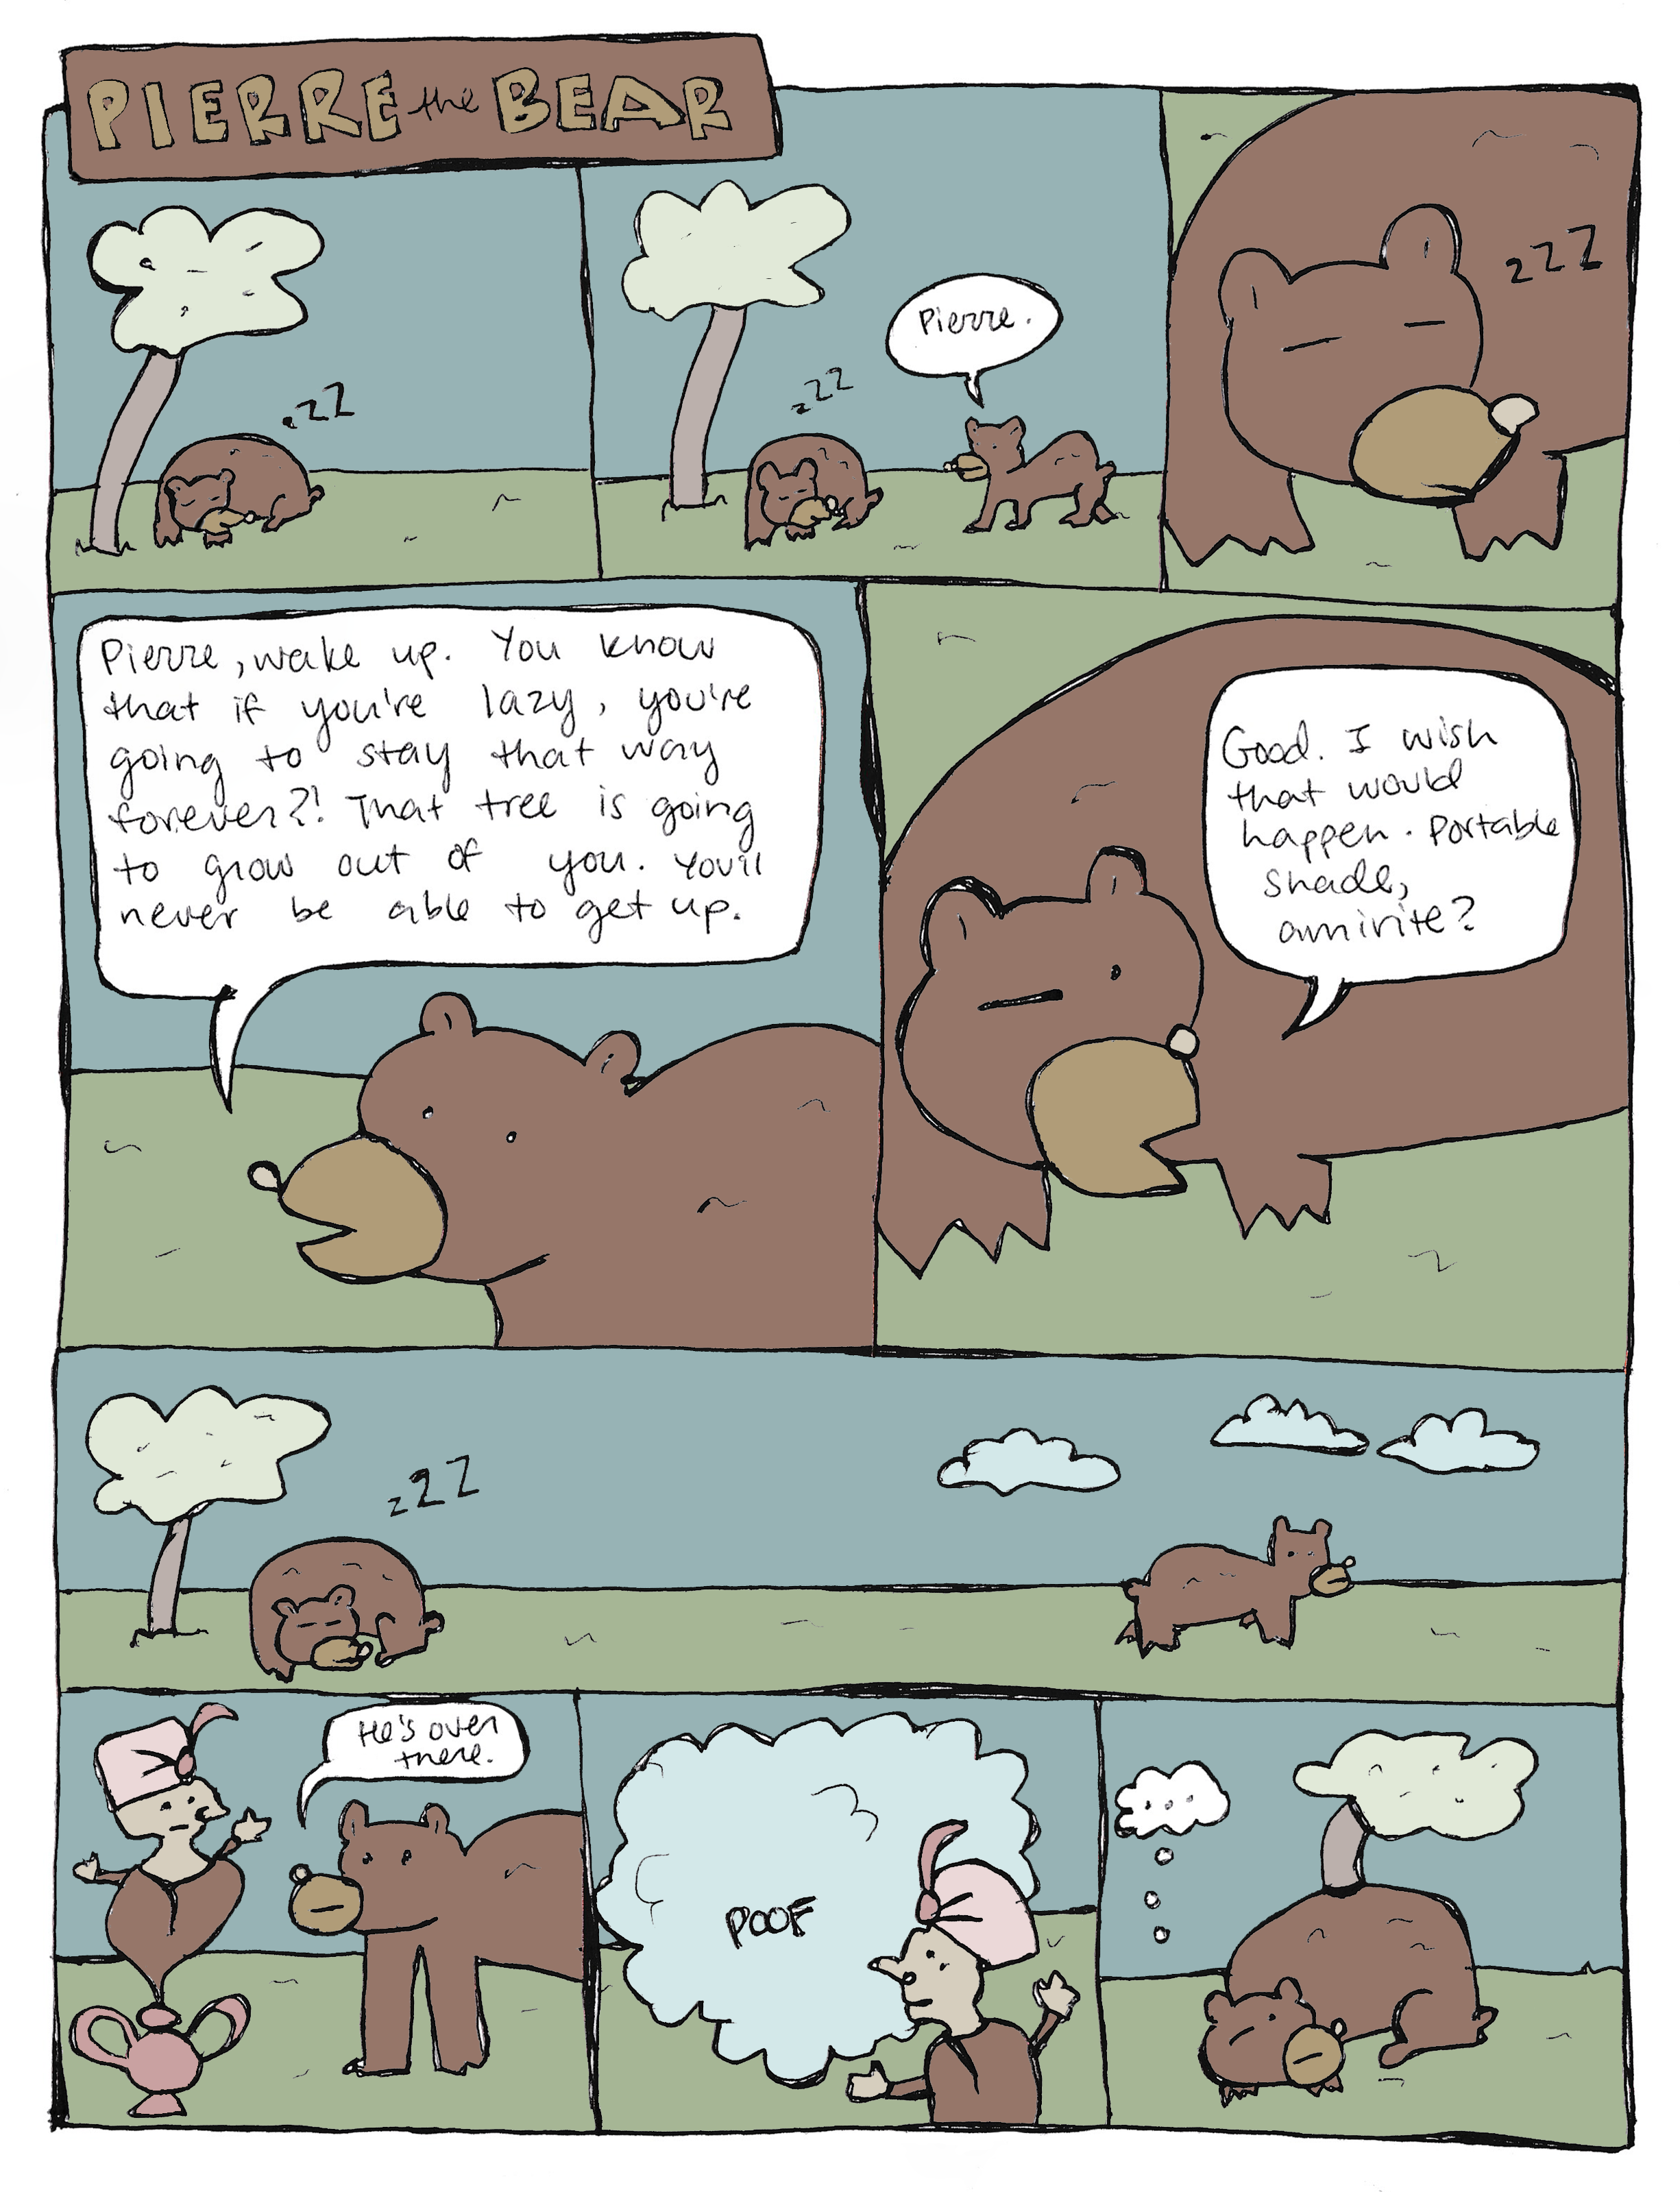 Pierre the Bear